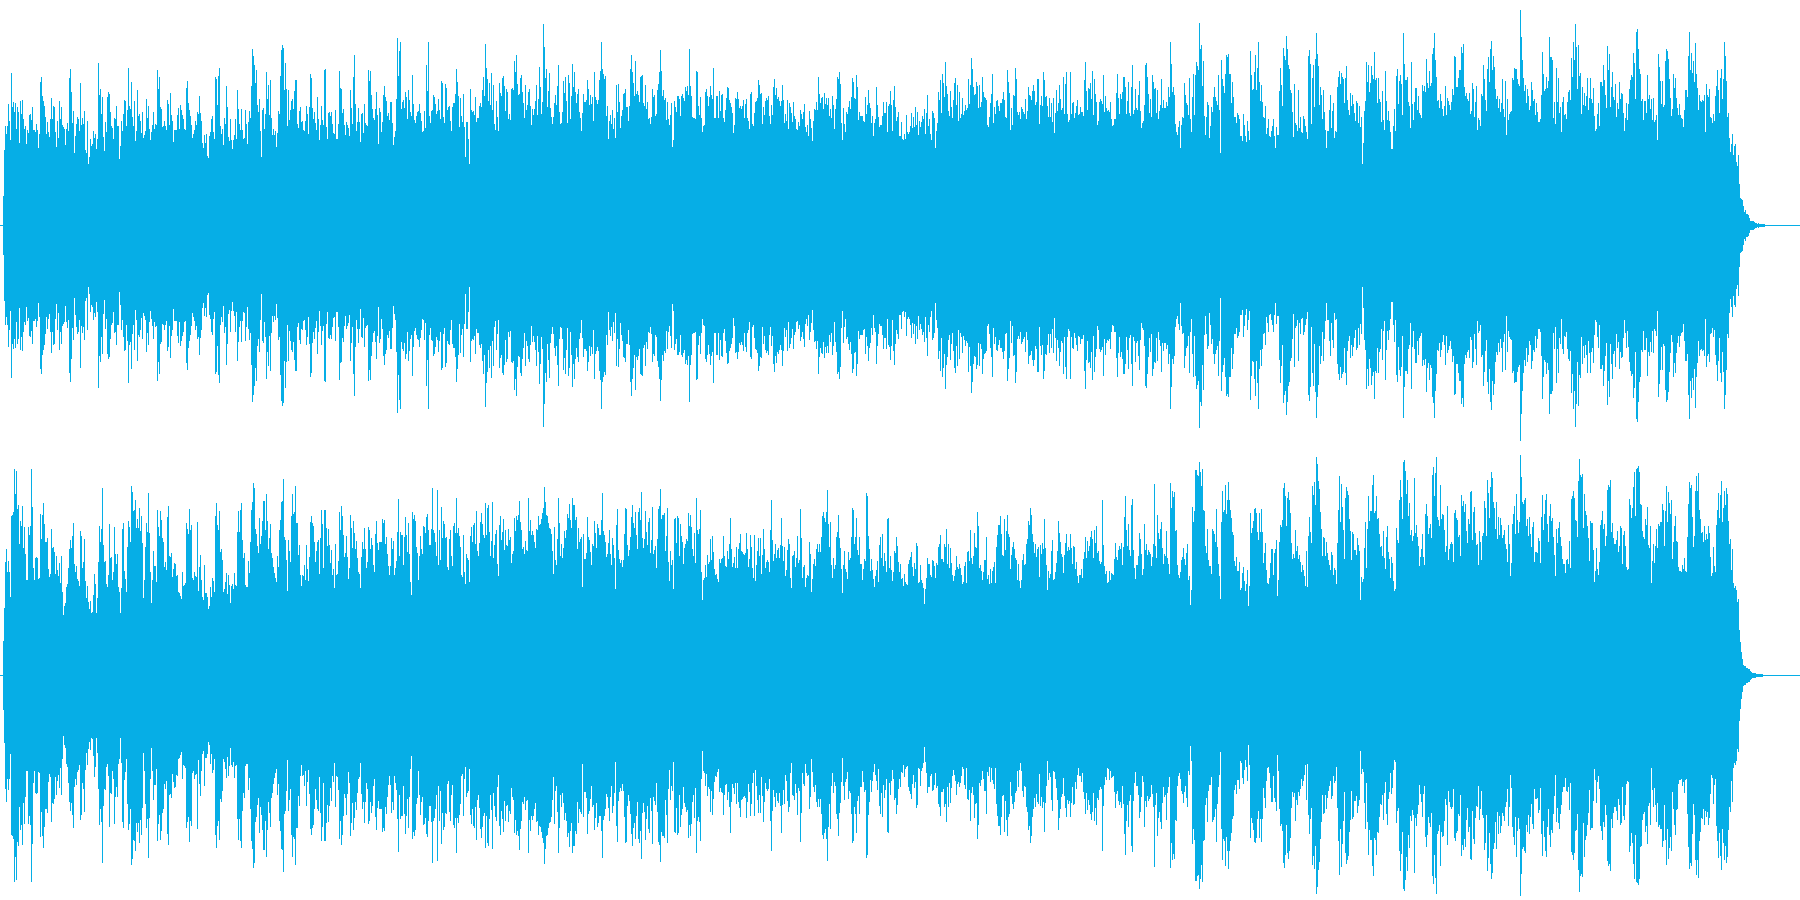 東洋と西洋をミックスしたような幻想曲の再生済みの波形